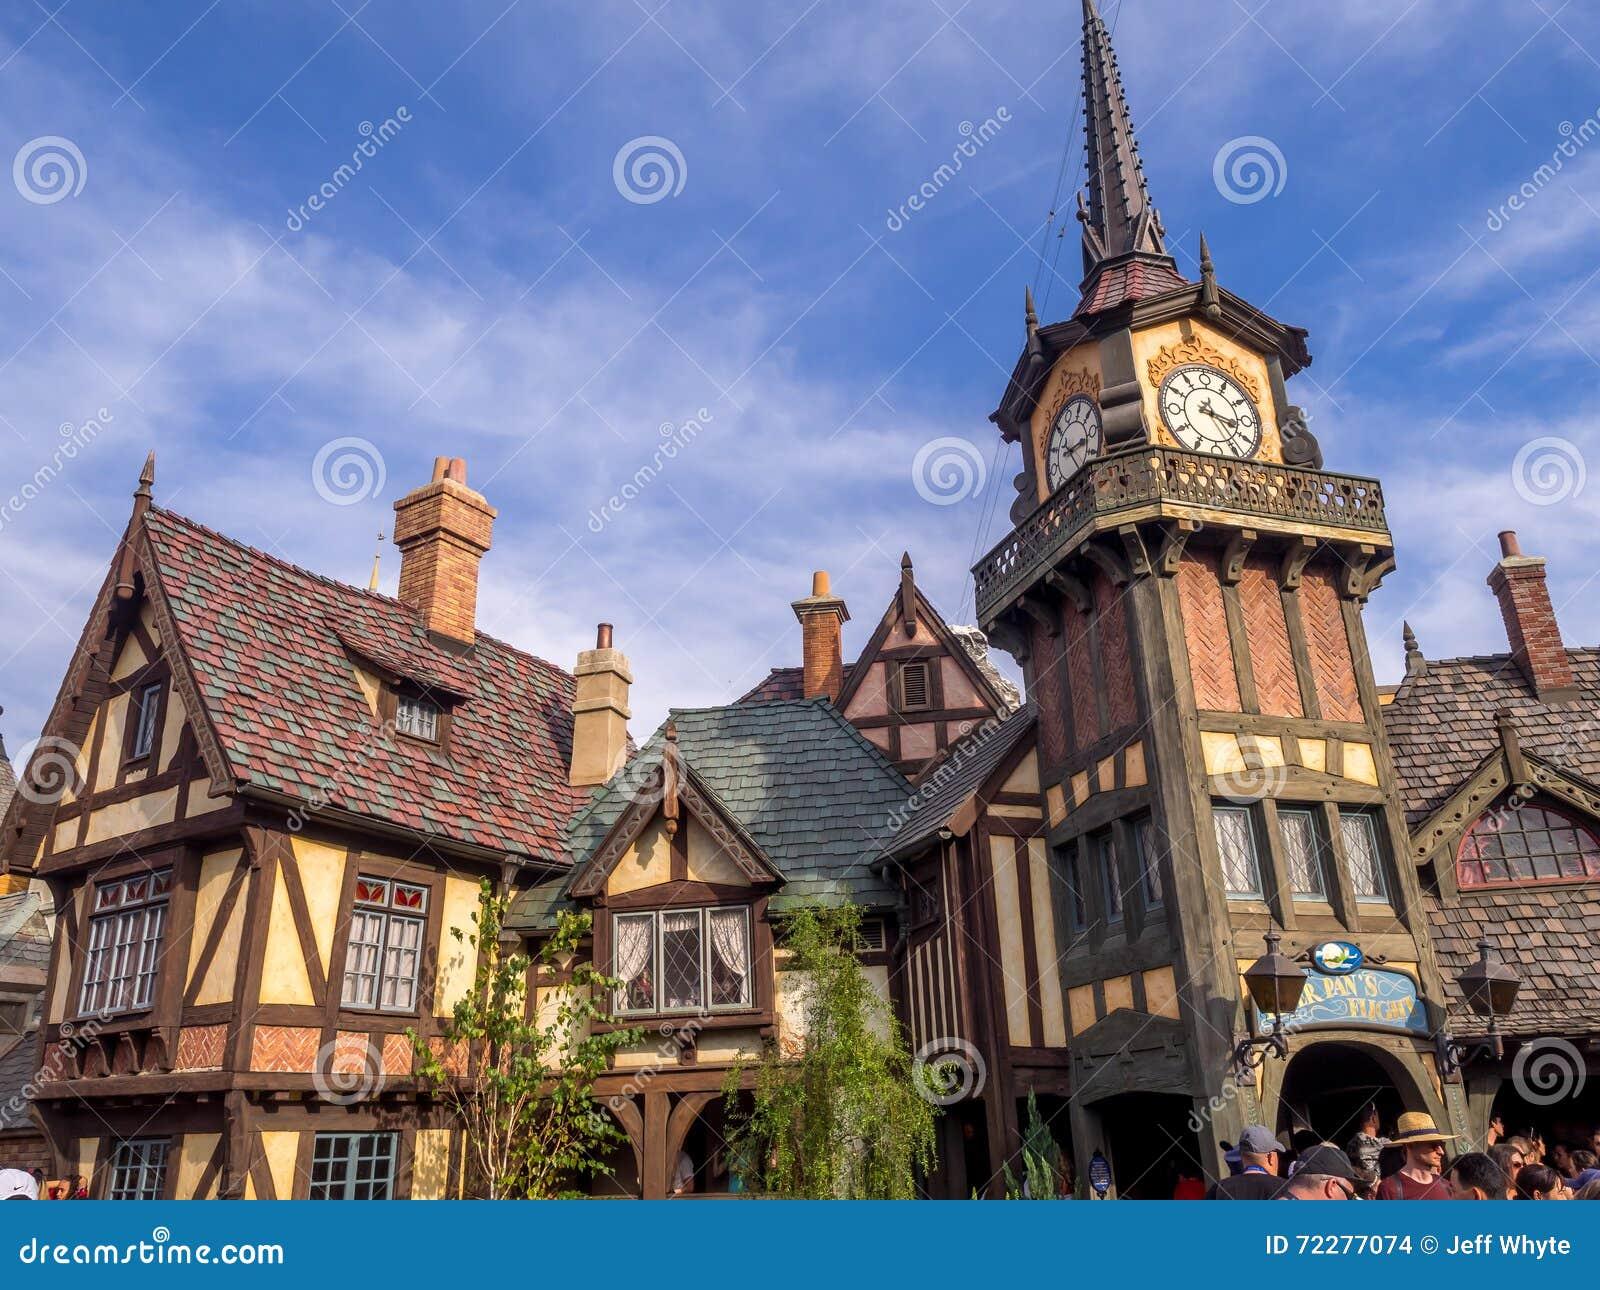 Download Езда Питер Пэн на Fantasyland в парке Диснейленда Редакционное Стоковое Изображение - изображение насчитывающей малыши, пешеход: 72277074